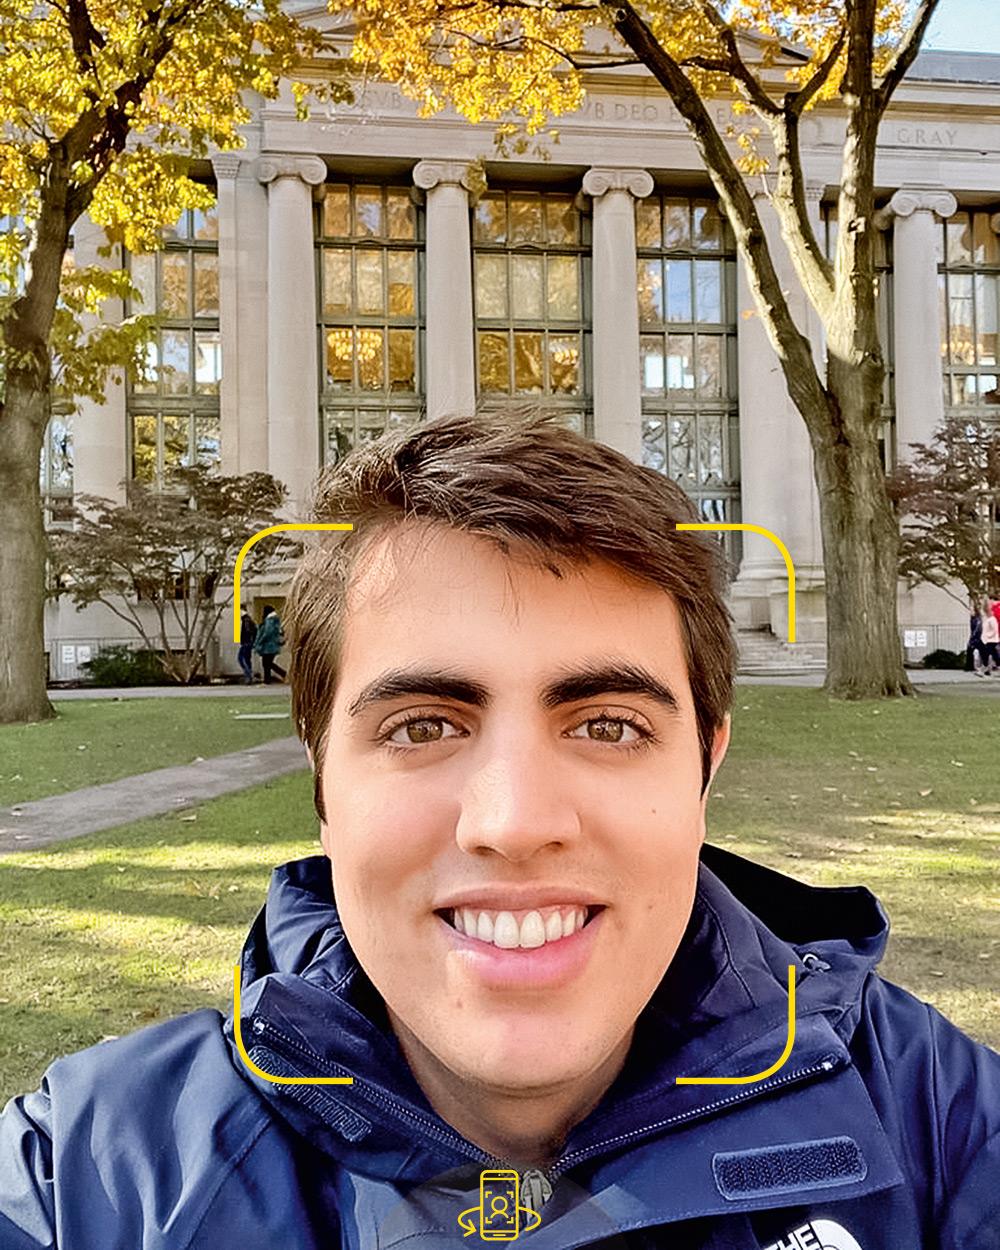 TEMPLO -O advogado brasiliense diante da faculdade, nos EUA: aulas com os mesmos professores de Obama